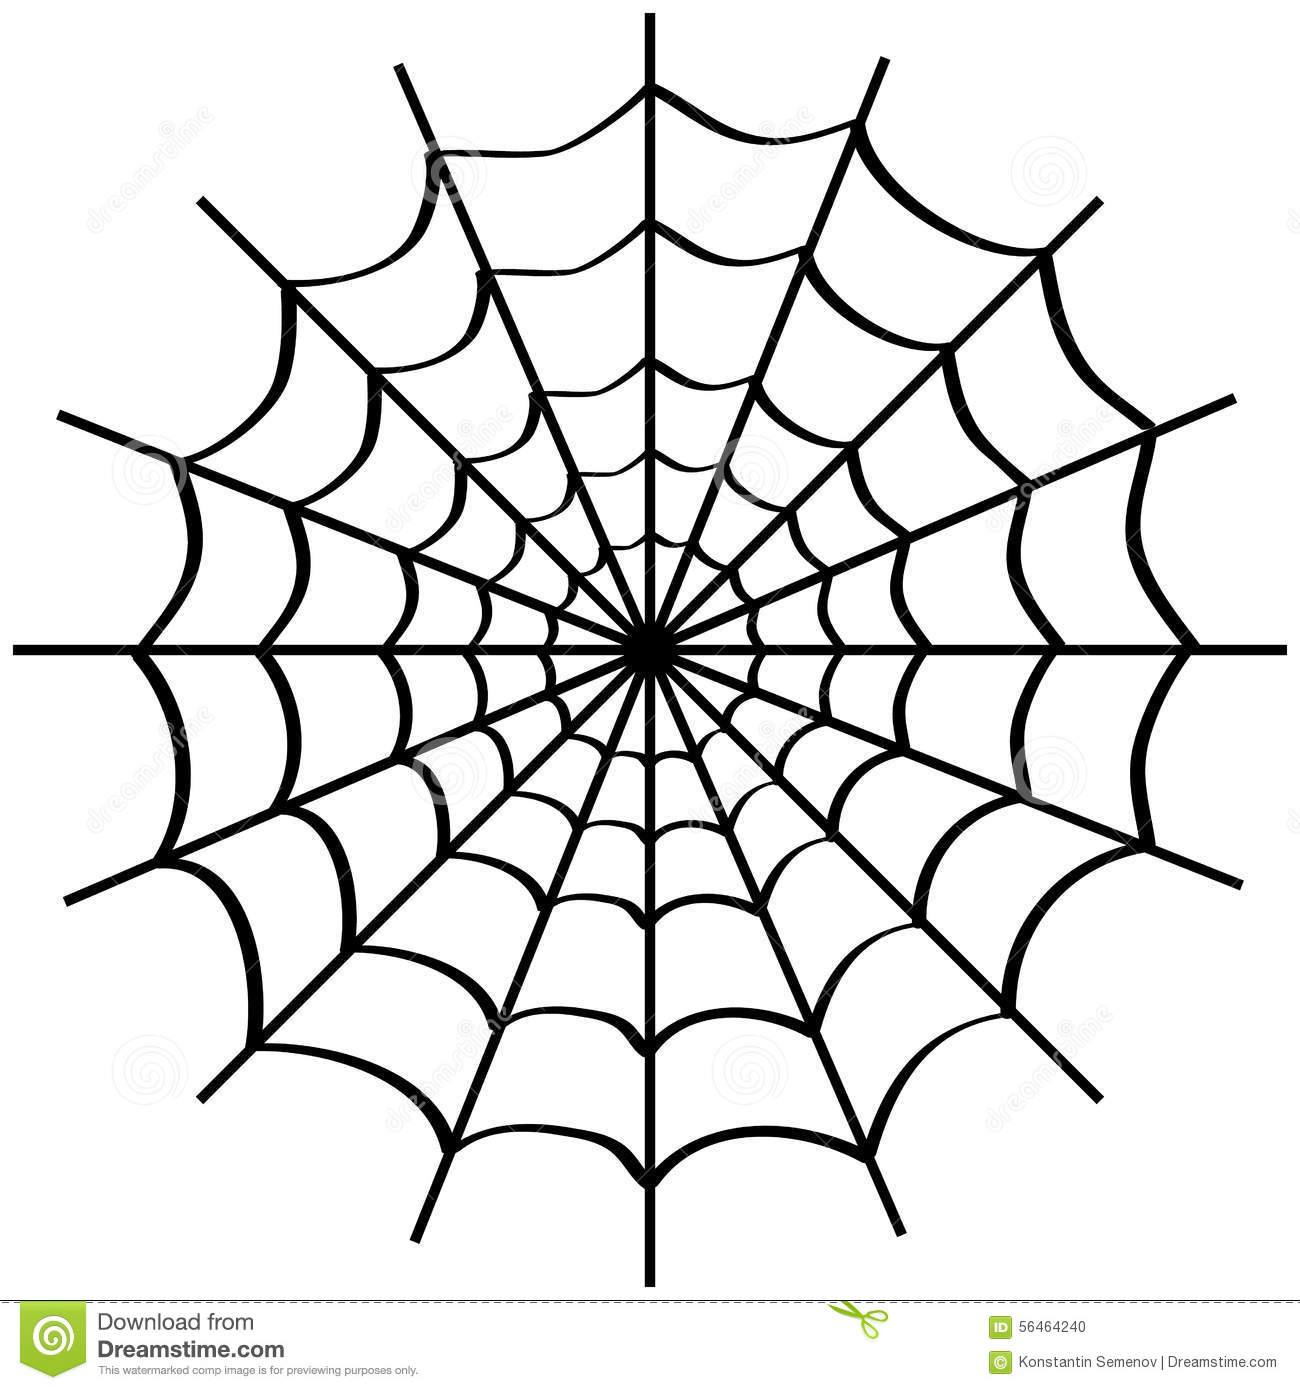 Toile D'araignée Sur Le Blanc Illustration Stock concernant Toile D Araignée Dessin